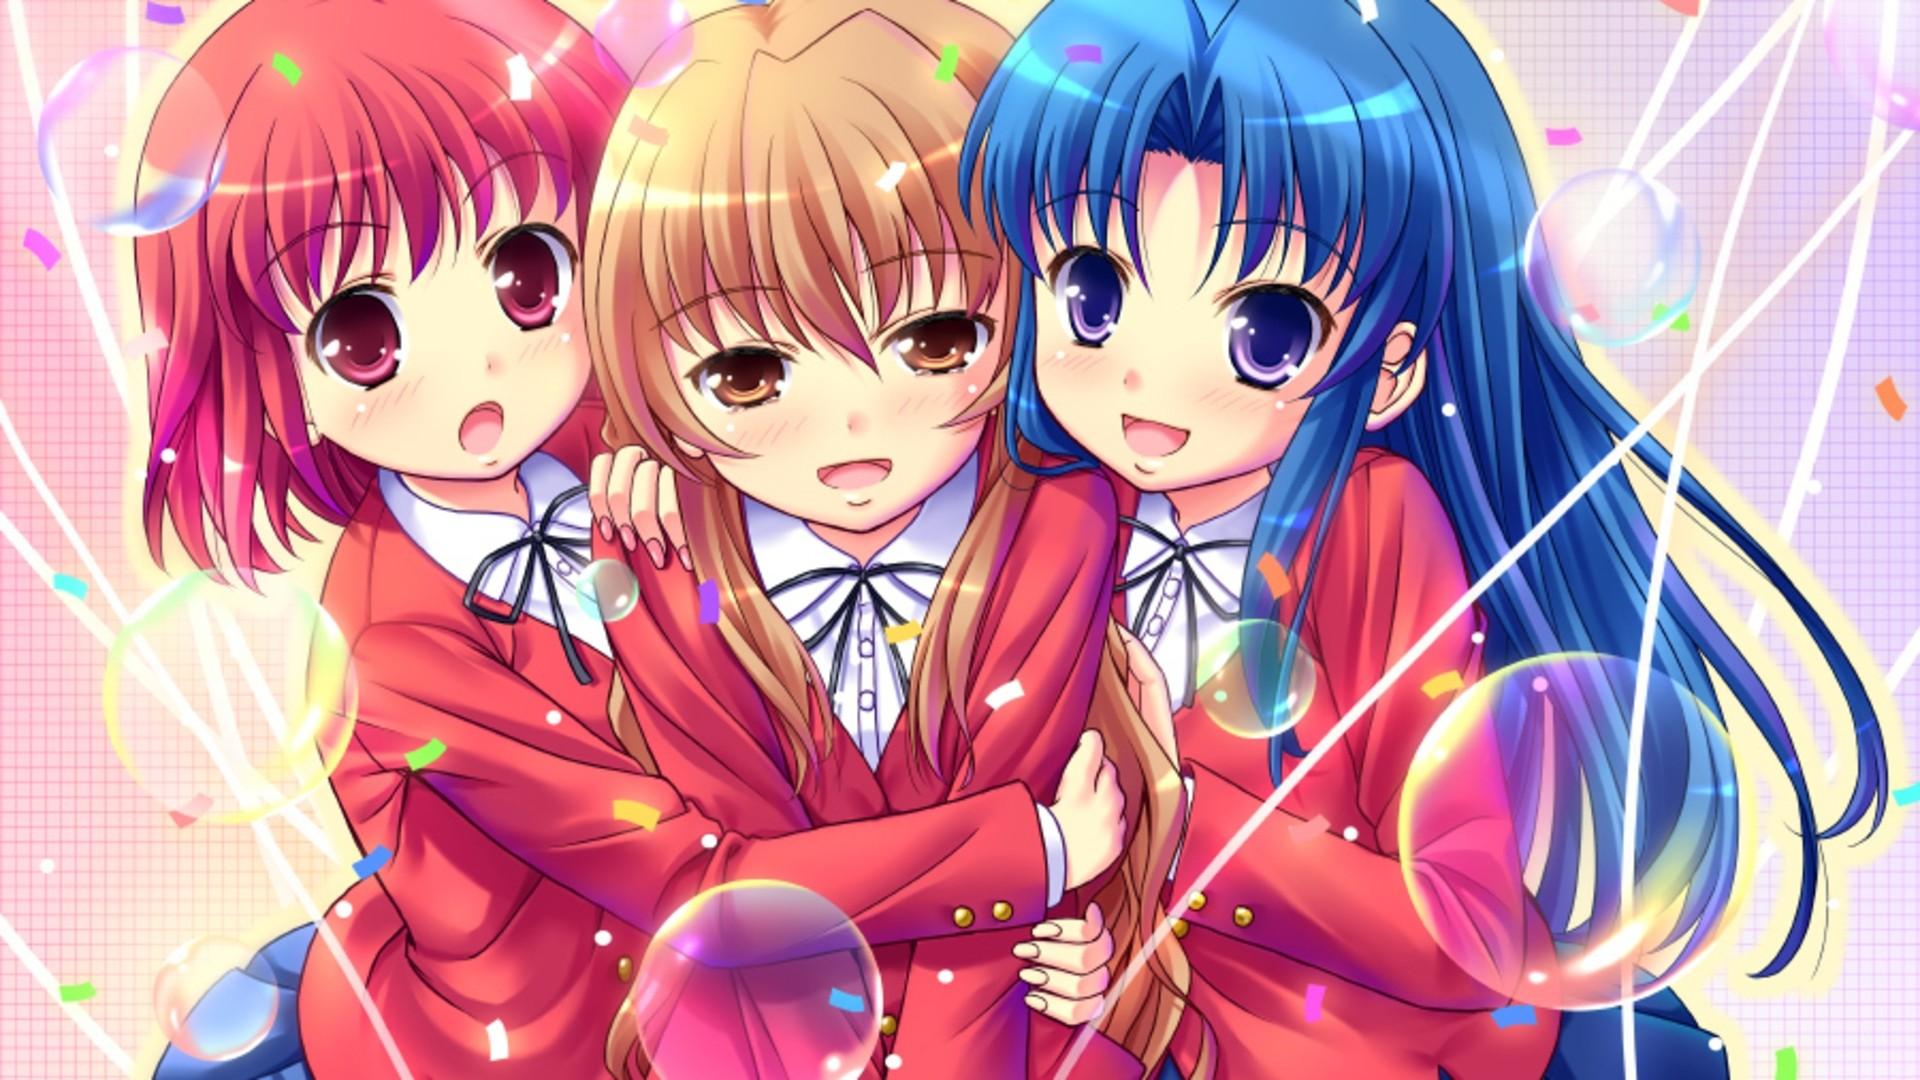 Cute Anime Wallpaper, Anime Wallpaper 1920×1080, Wallpaper For, Wallpapers,  Image Search, Anime Art, Anime Girls, Nice, Manga